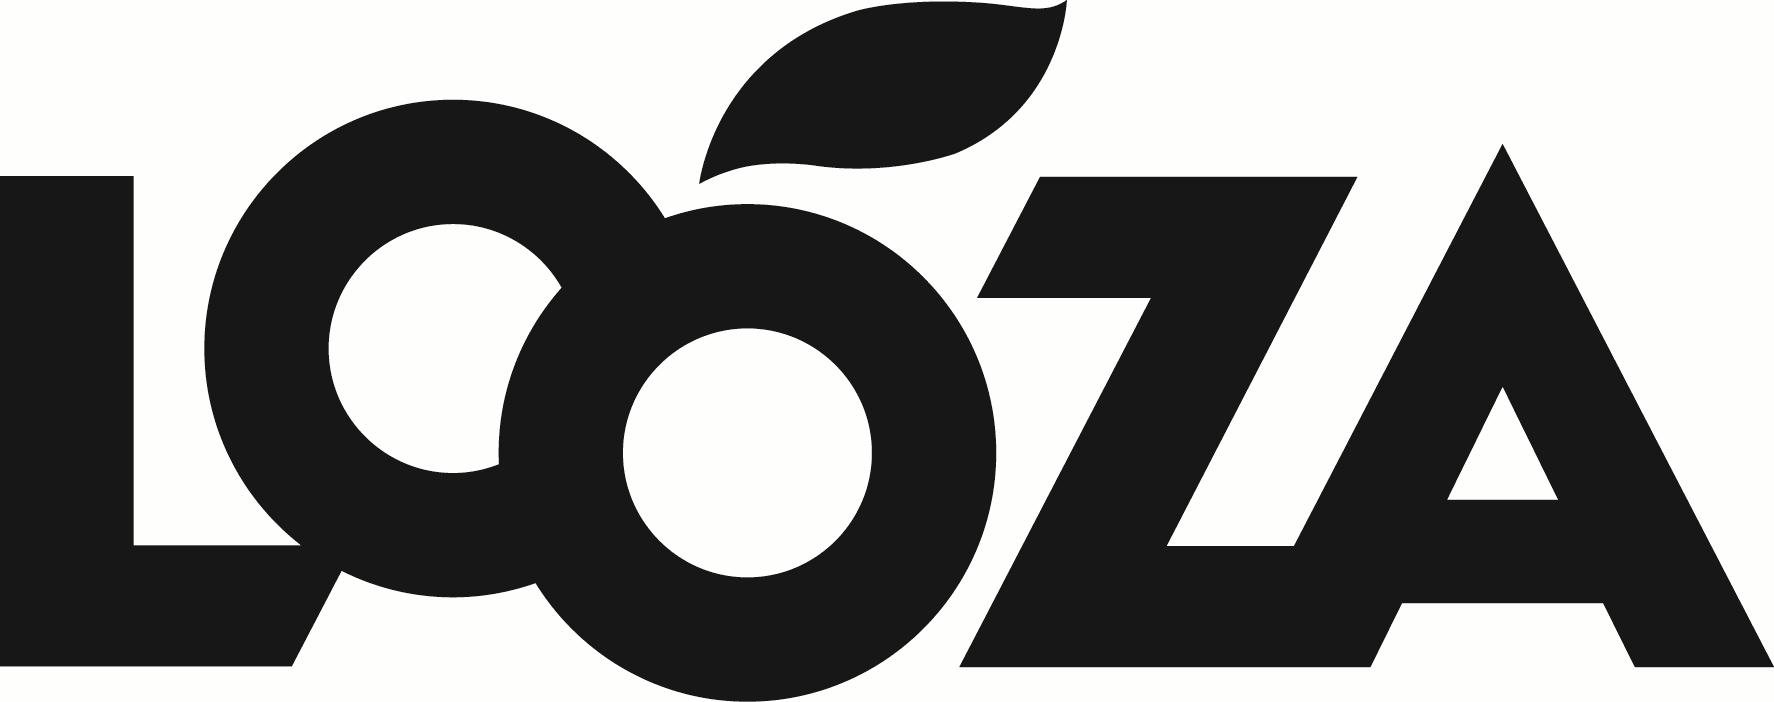 Merkafbeelding LOOZA